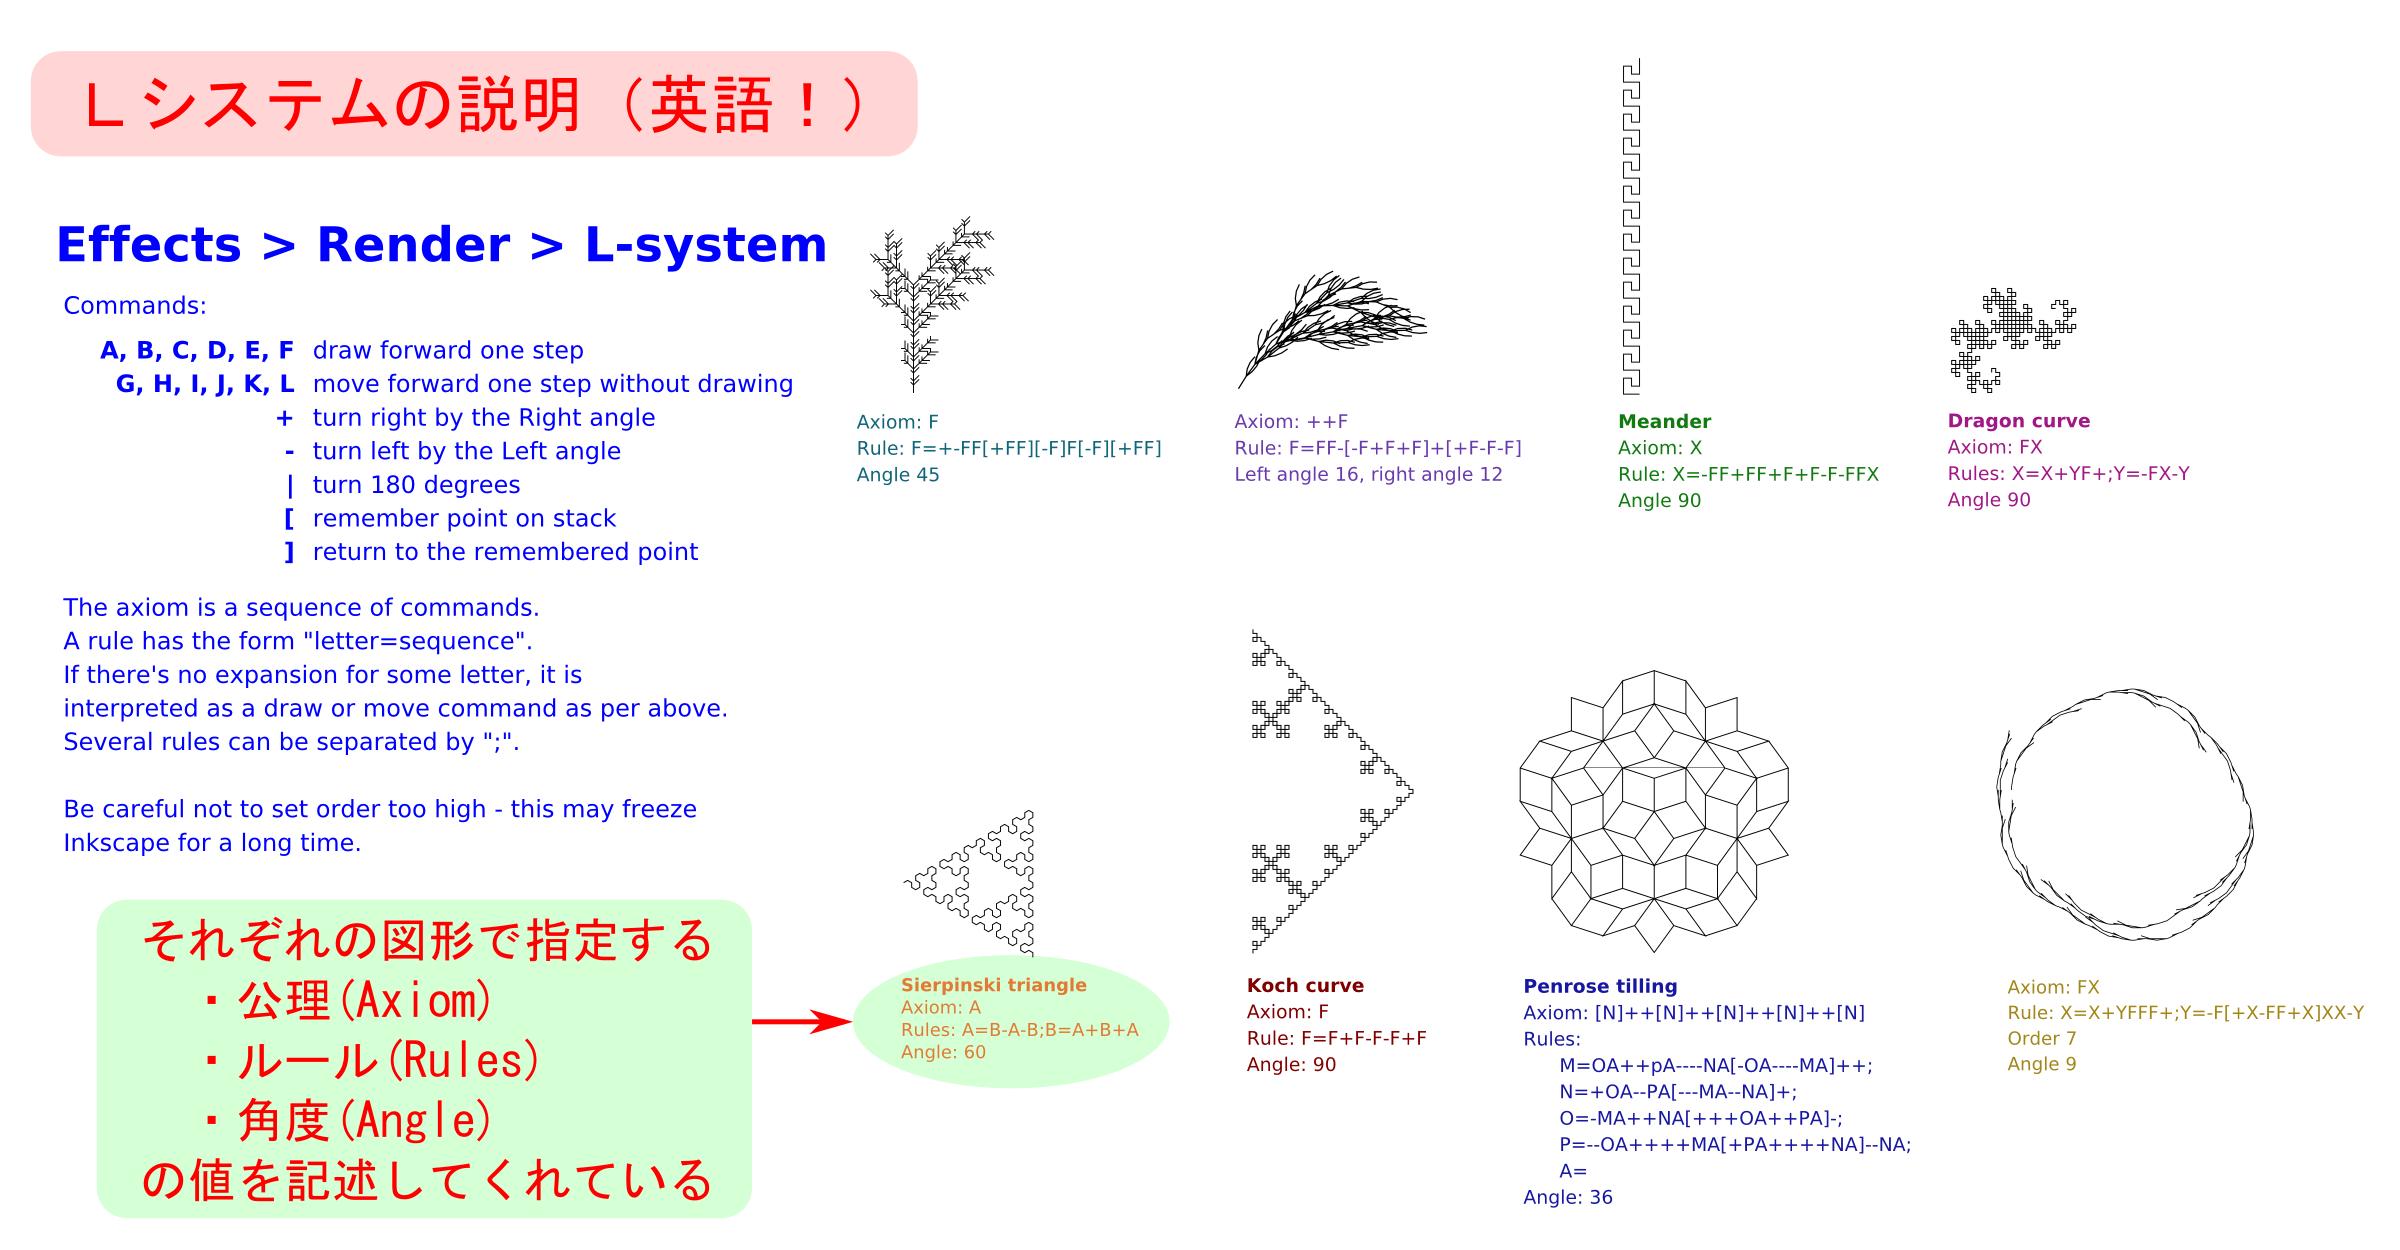 ギャラリー画像14_Lシステムの説明